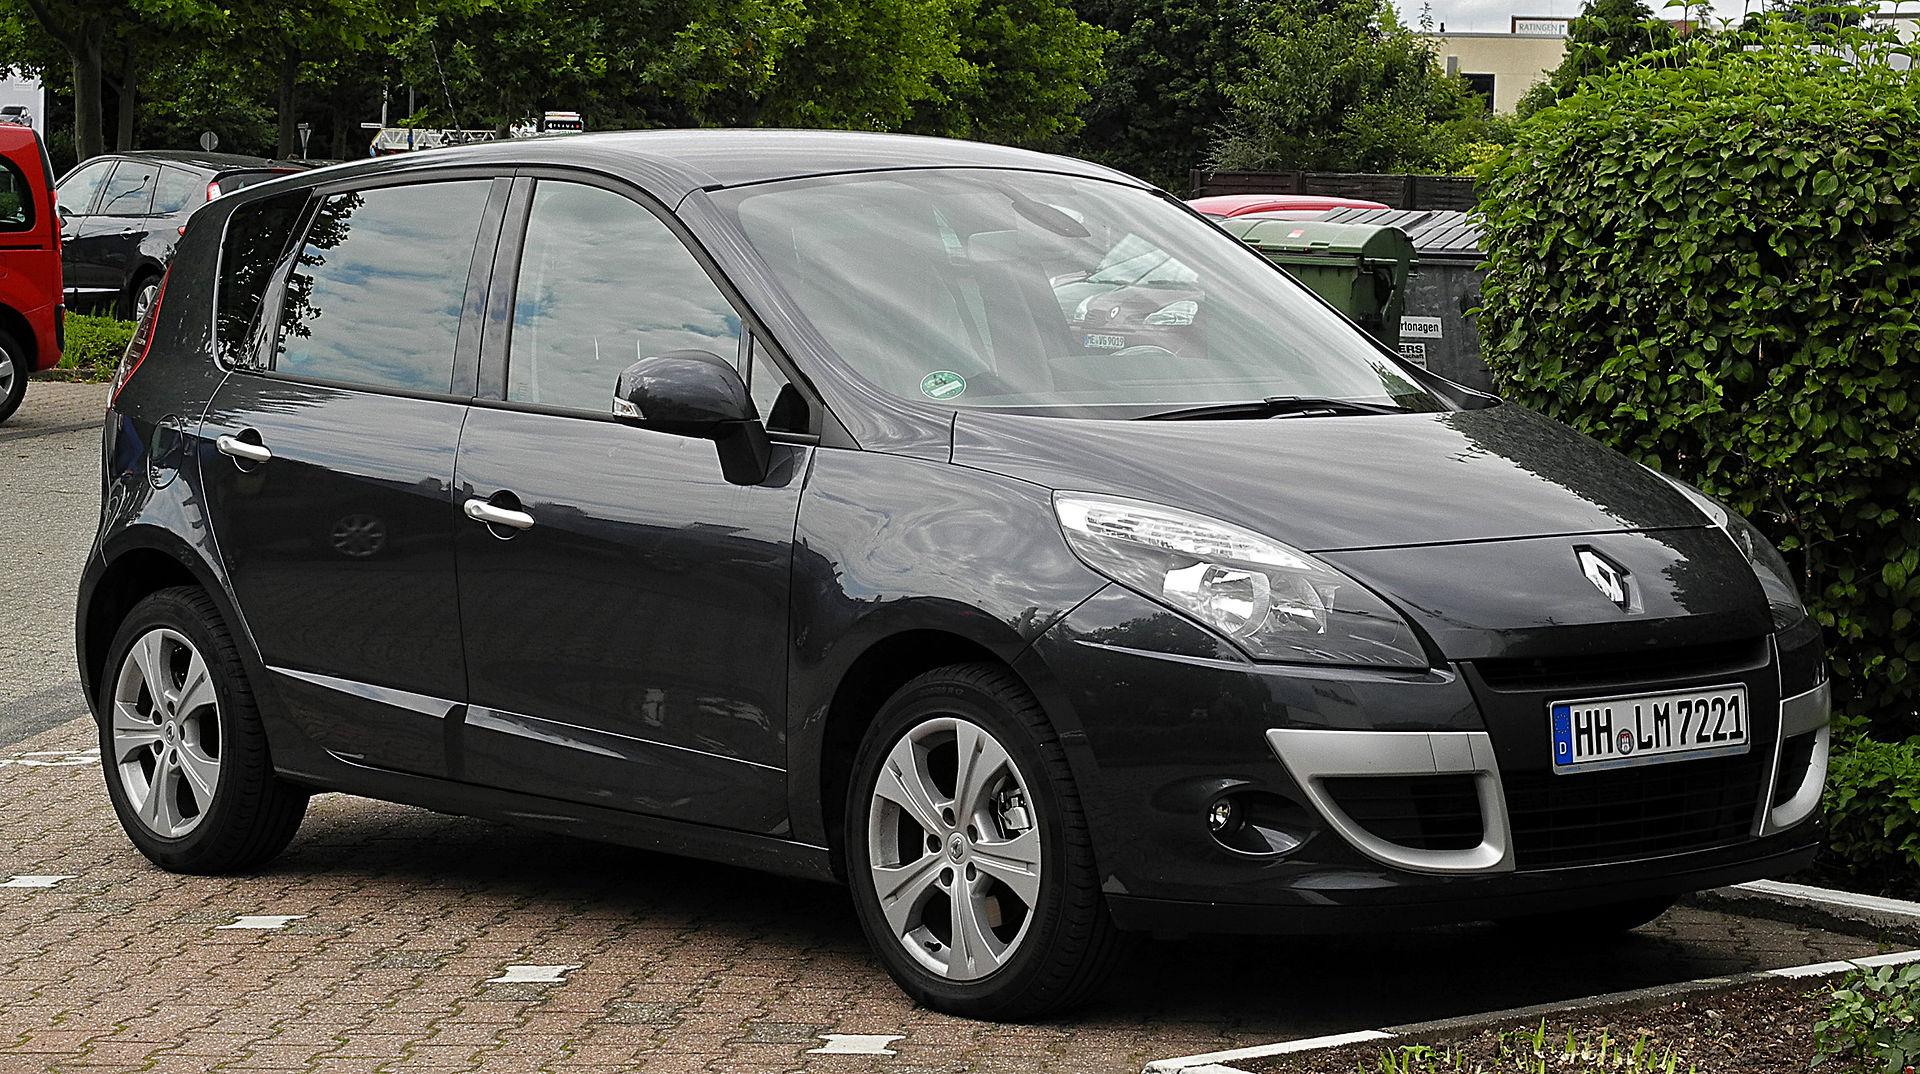 Renault Scénic (III) – Frontansicht, 2. Juli 2011, Ratingen.jpg